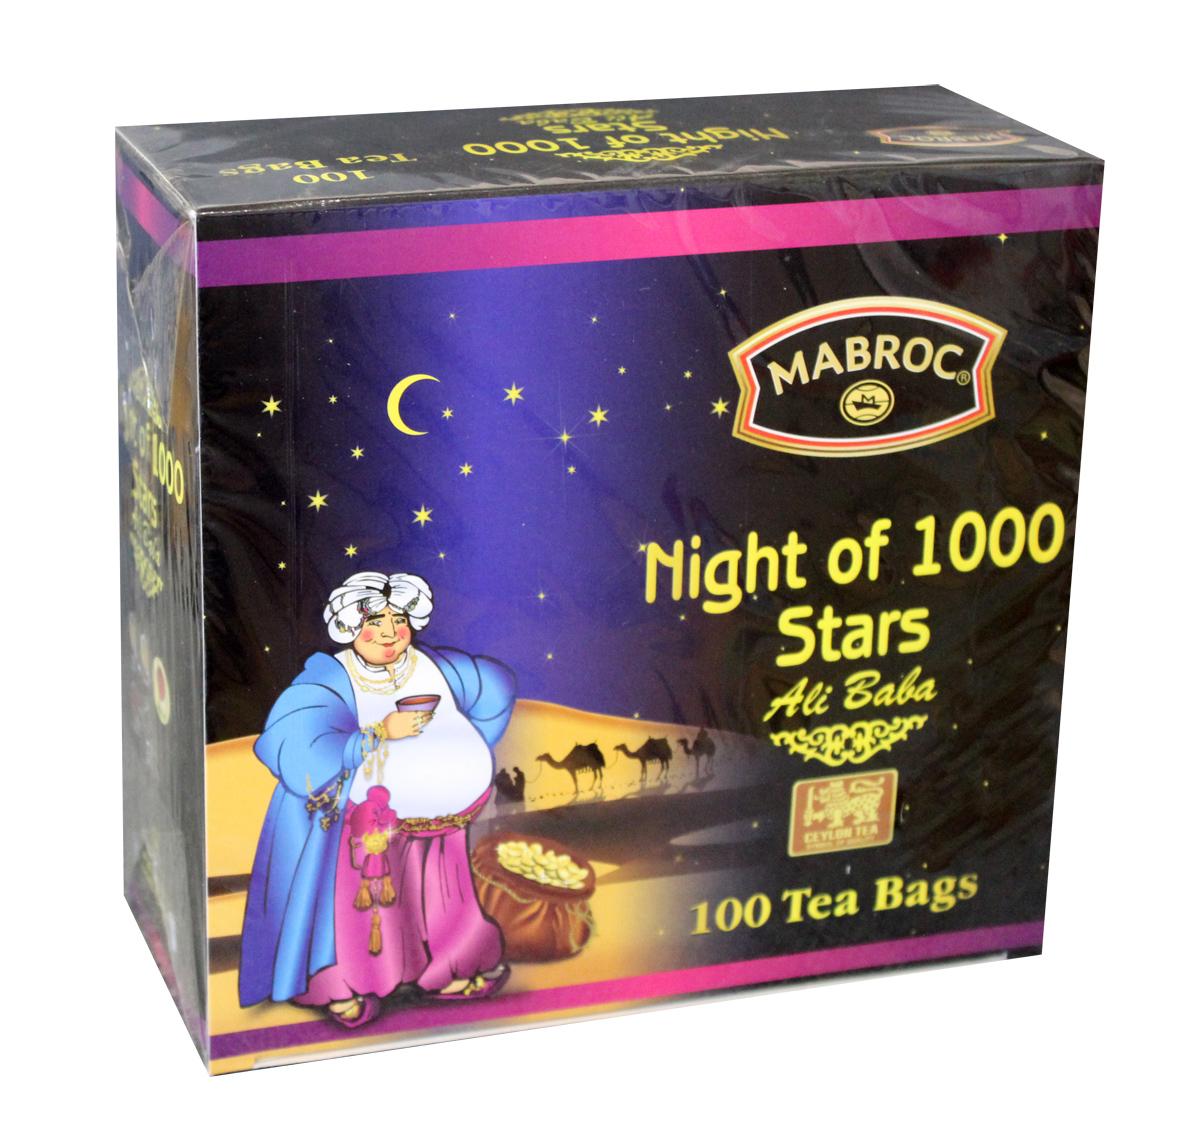 Mabroc Древние легенды. Ночь 1000 звезд чай черный в пакетиках, 100 шт4791029004778Коллекция «Древние легенды», Ночь 1000 звезд (1001 ночь). Эта коллекция является визитной карточкой Маброк и включает в себя наиболее престижные, известные и дорогие сорта. Это удивительный ассортимент чаев с плантаций Маброк, со вкусом, одновременно подходящим для сибирского климата и передающий изысканный вкус Востока. Смесь черного и зеленого чай с ароматом клубники, с цветами апельсина, ноготков, лепестками роз. Это превосходное сочетание черного чая, выращенного в низинных районах Сабарагамувы, и зеленого, растущего высоко в горах Нувара Элии. Прохлада ветров и солнечного тепло, которым ласково укутаны все растения этого района дарит чаю особенный сладкий вкус, усиленный клубничной вытяжкой, лепестками розы и ноготков.